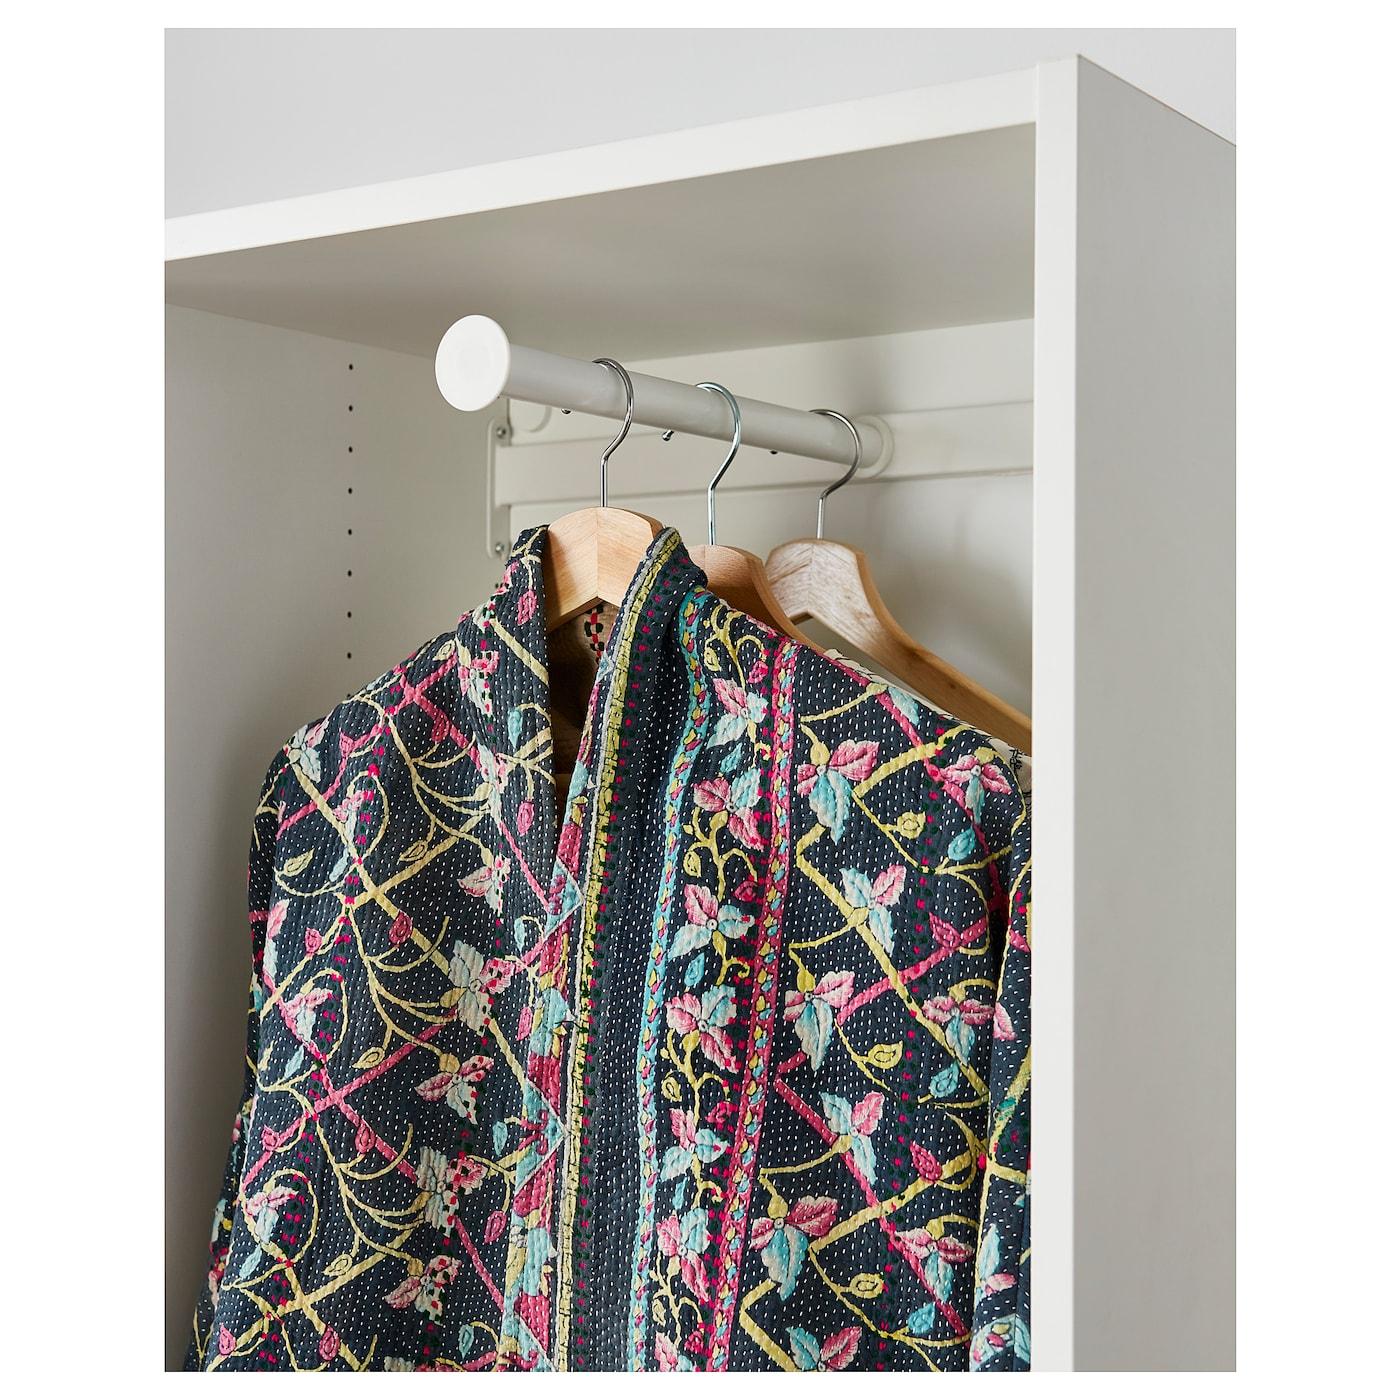 HJÄLPA pull-out clothes rail white 76.3 cm 80 cm 35.5 cm 51.3 cm 40 cm